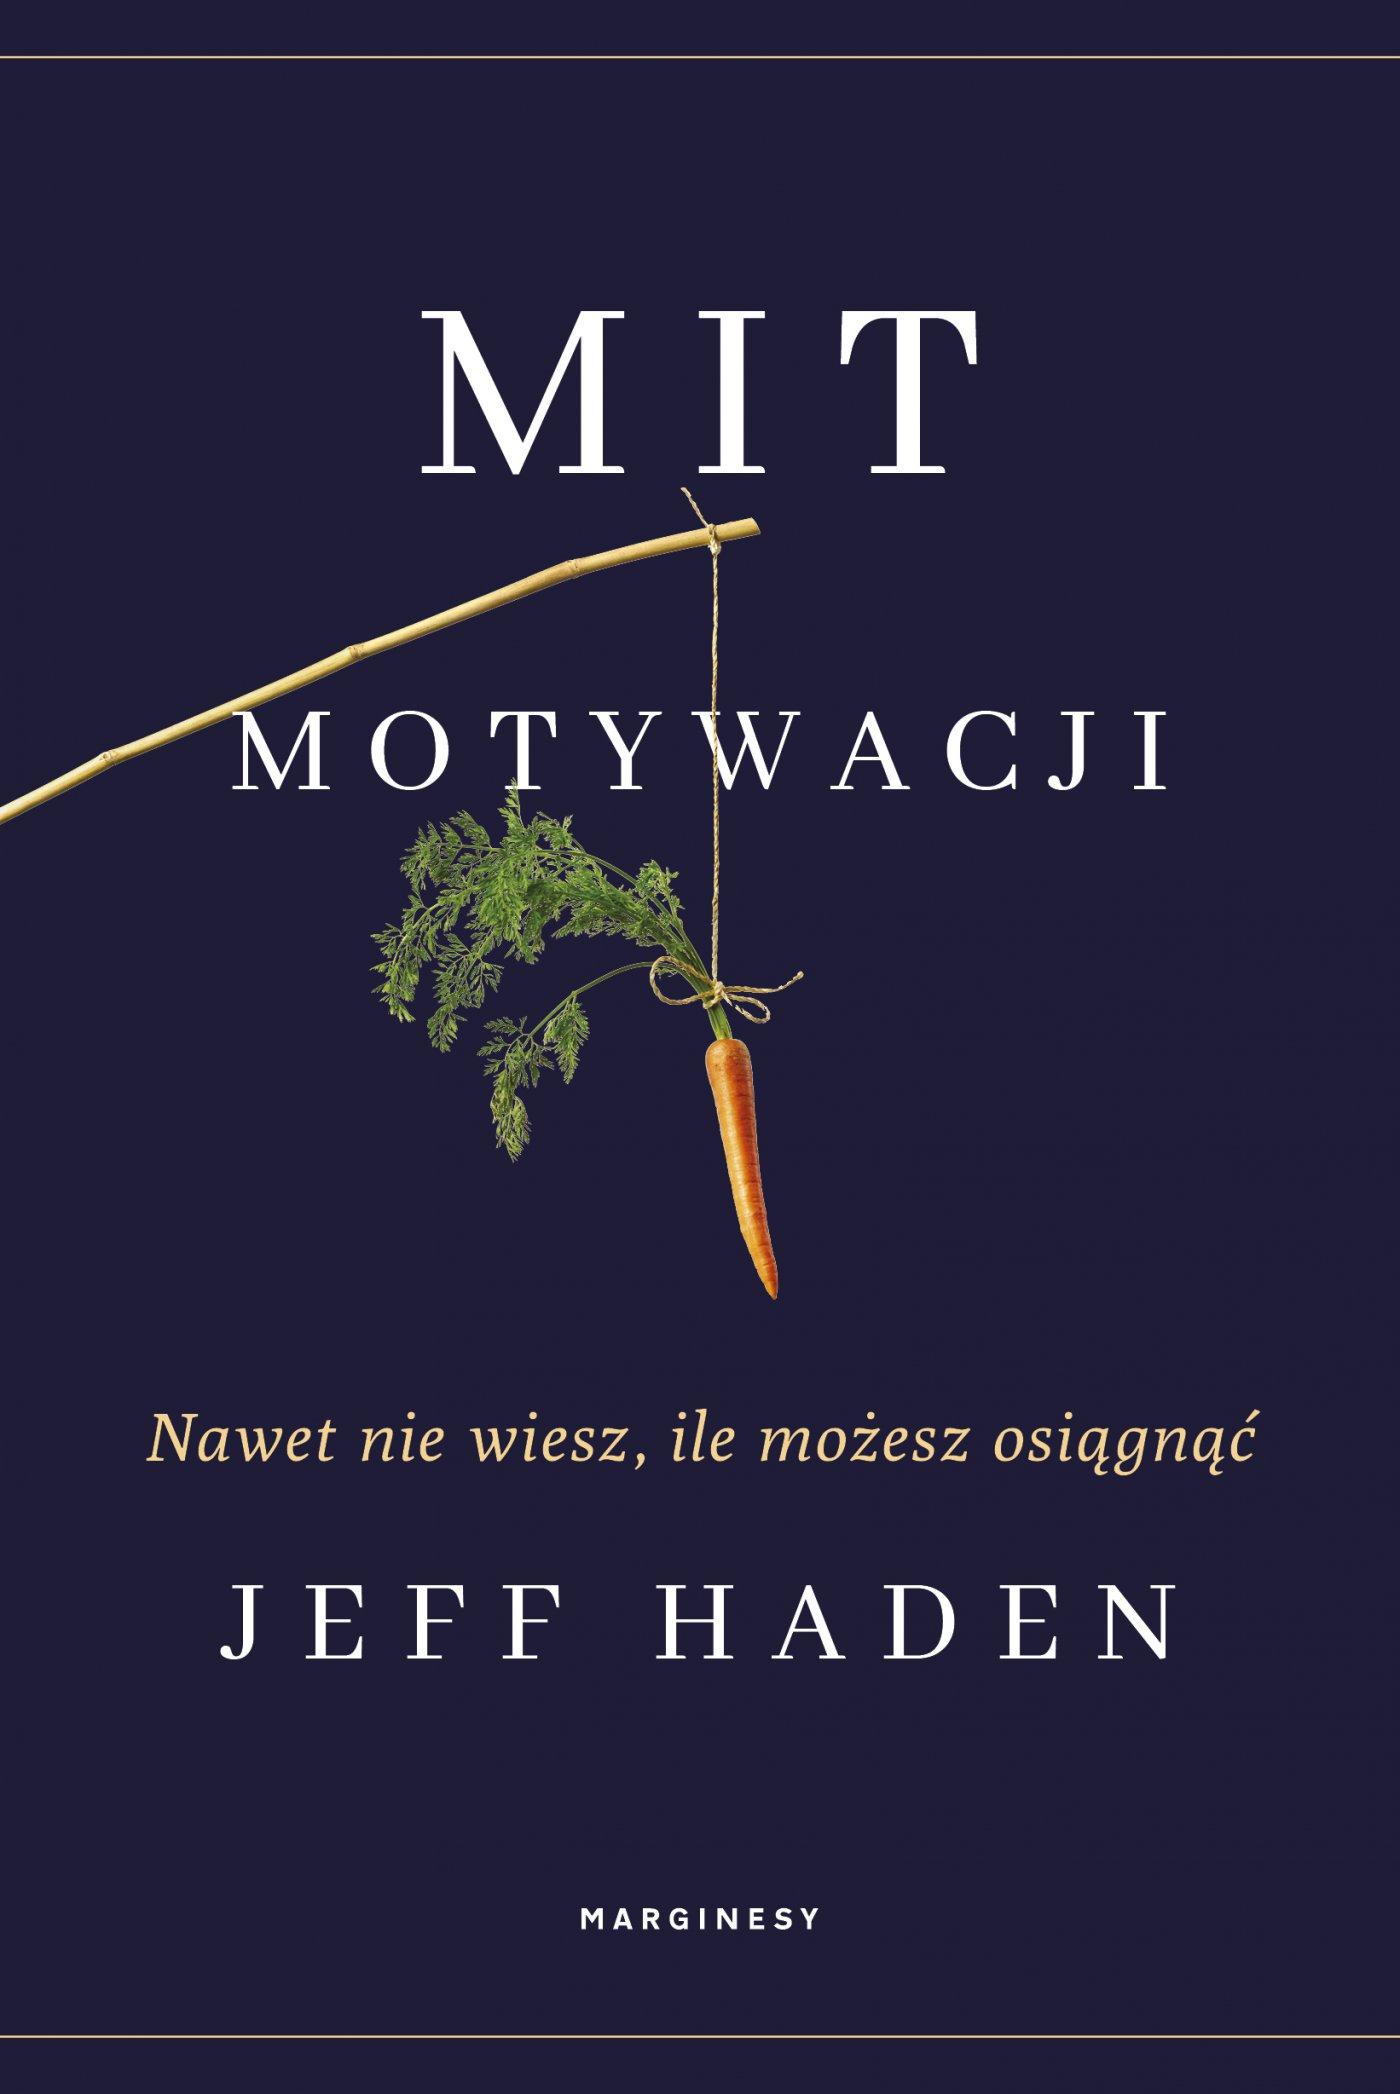 Mit motywacji - Ebook (Książka na Kindle) do pobrania w formacie MOBI